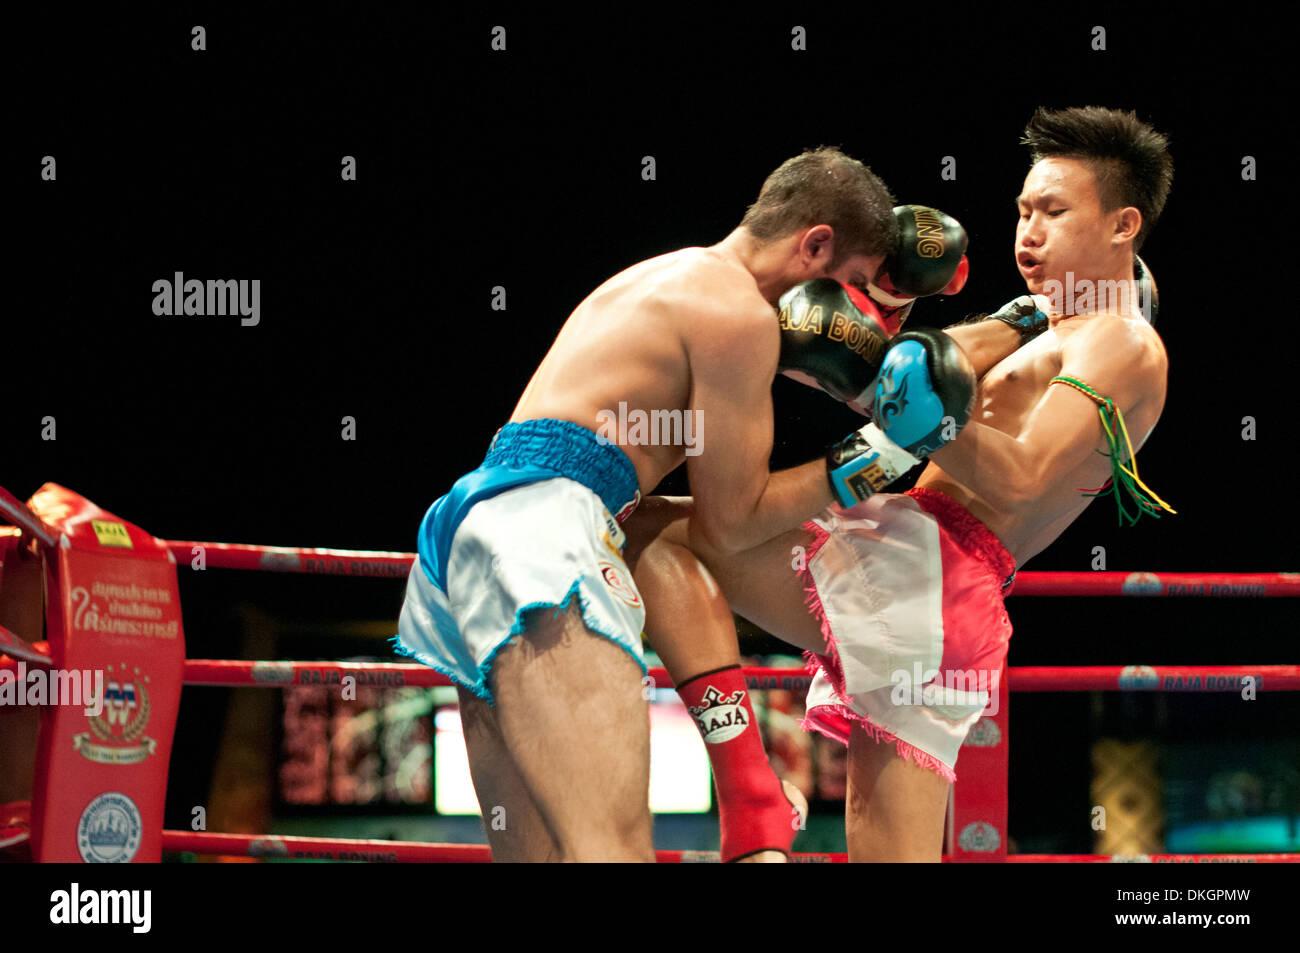 muay thai fight stock photos amp muay thai fight stock